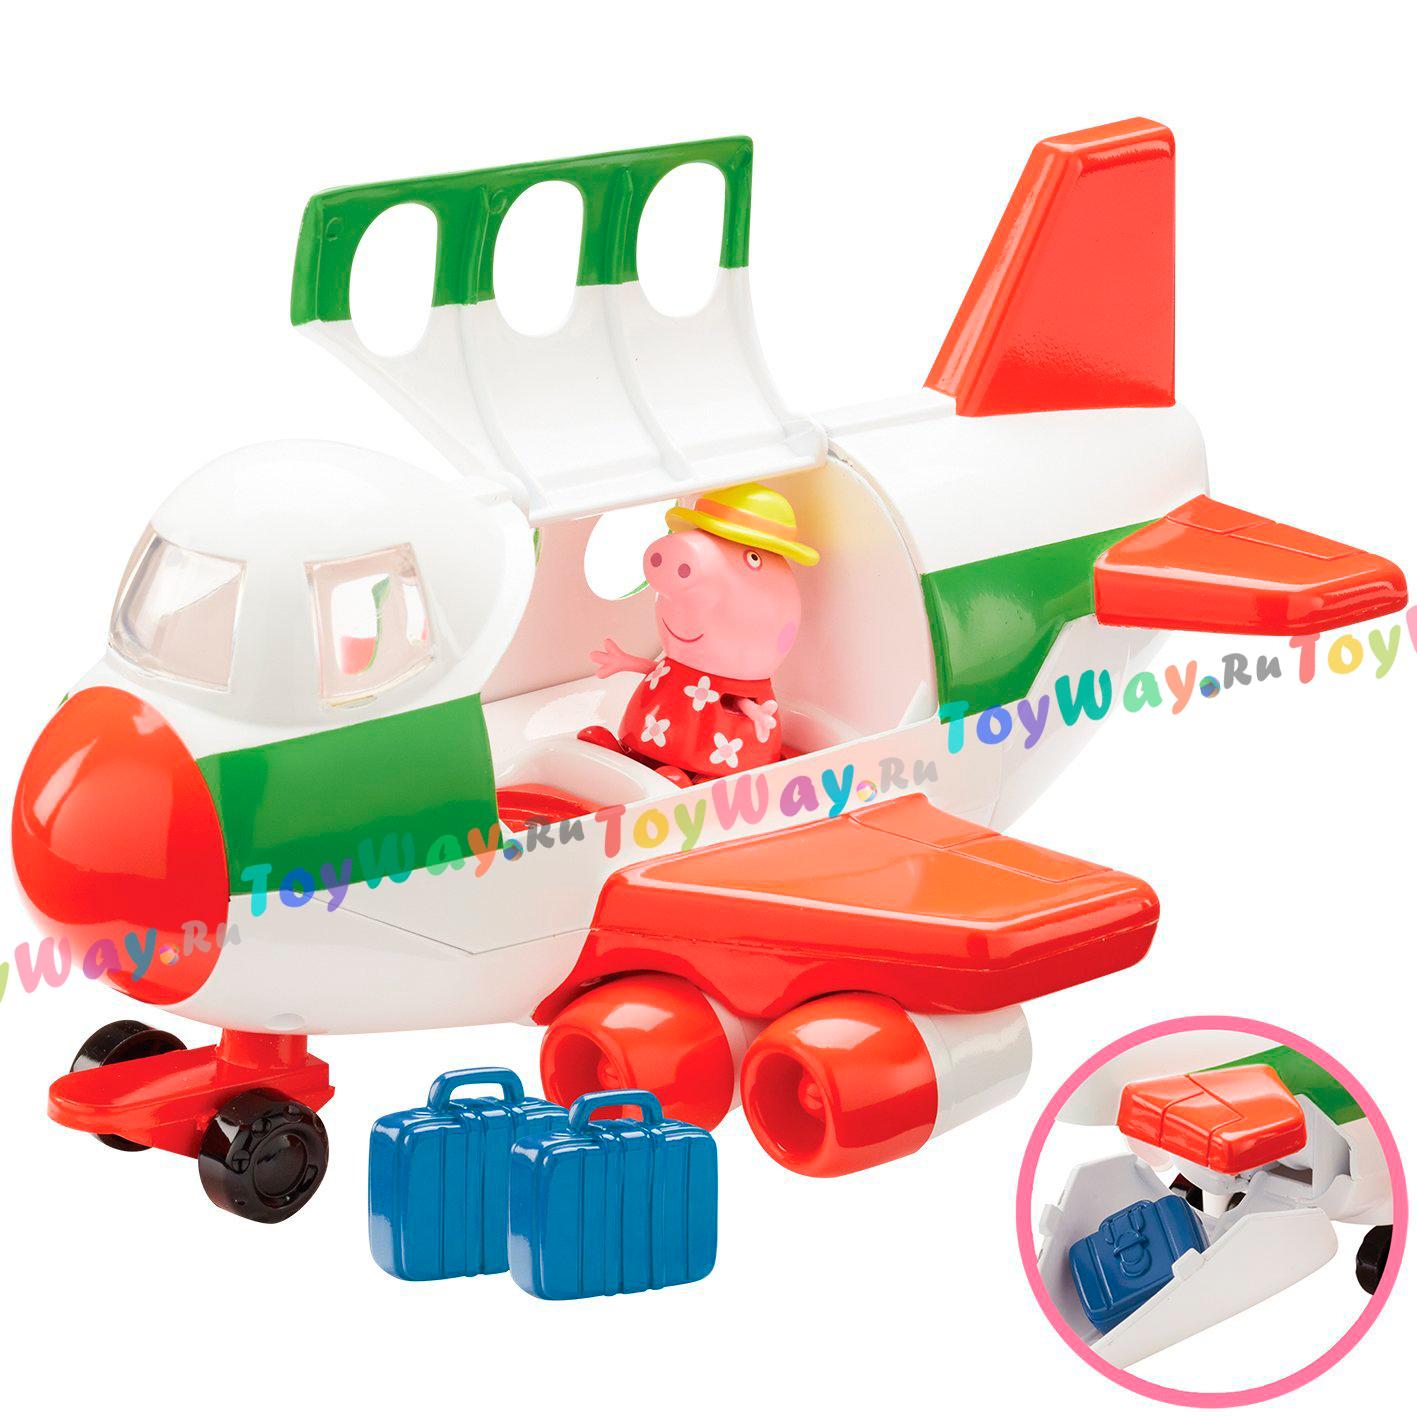 Игровой набор – Самолет с фигуркой из серии Свинка ПеппаСвинка Пеппа (Peppa Pig )<br>Игровой набор – Самолет с фигуркой из серии Свинка Пеппа<br>